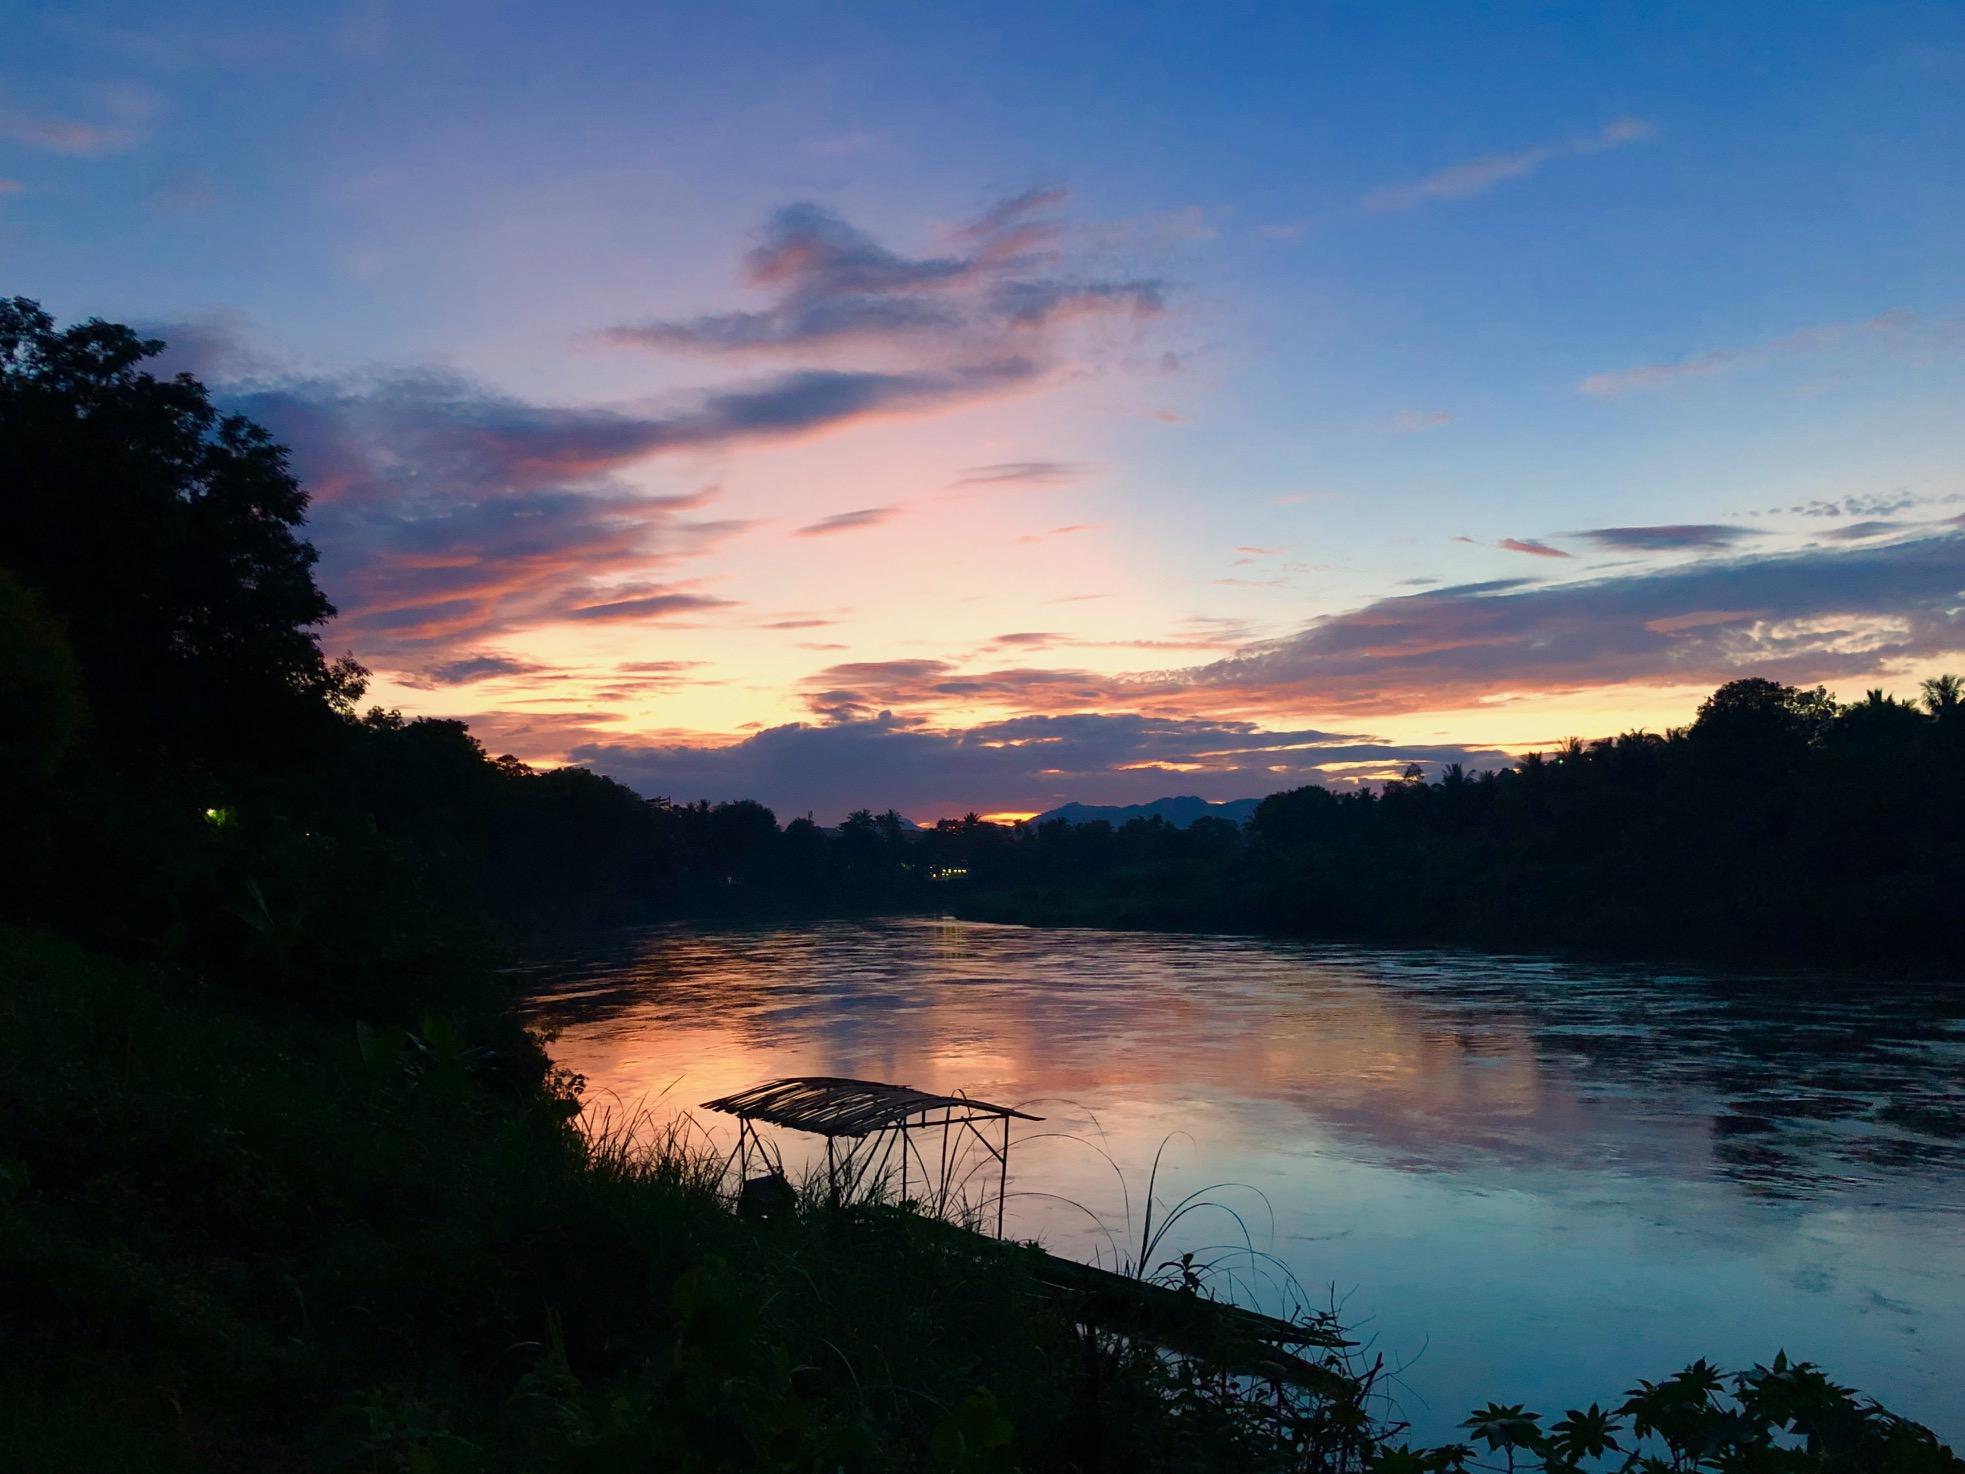 Sunset on the Nam Khan River